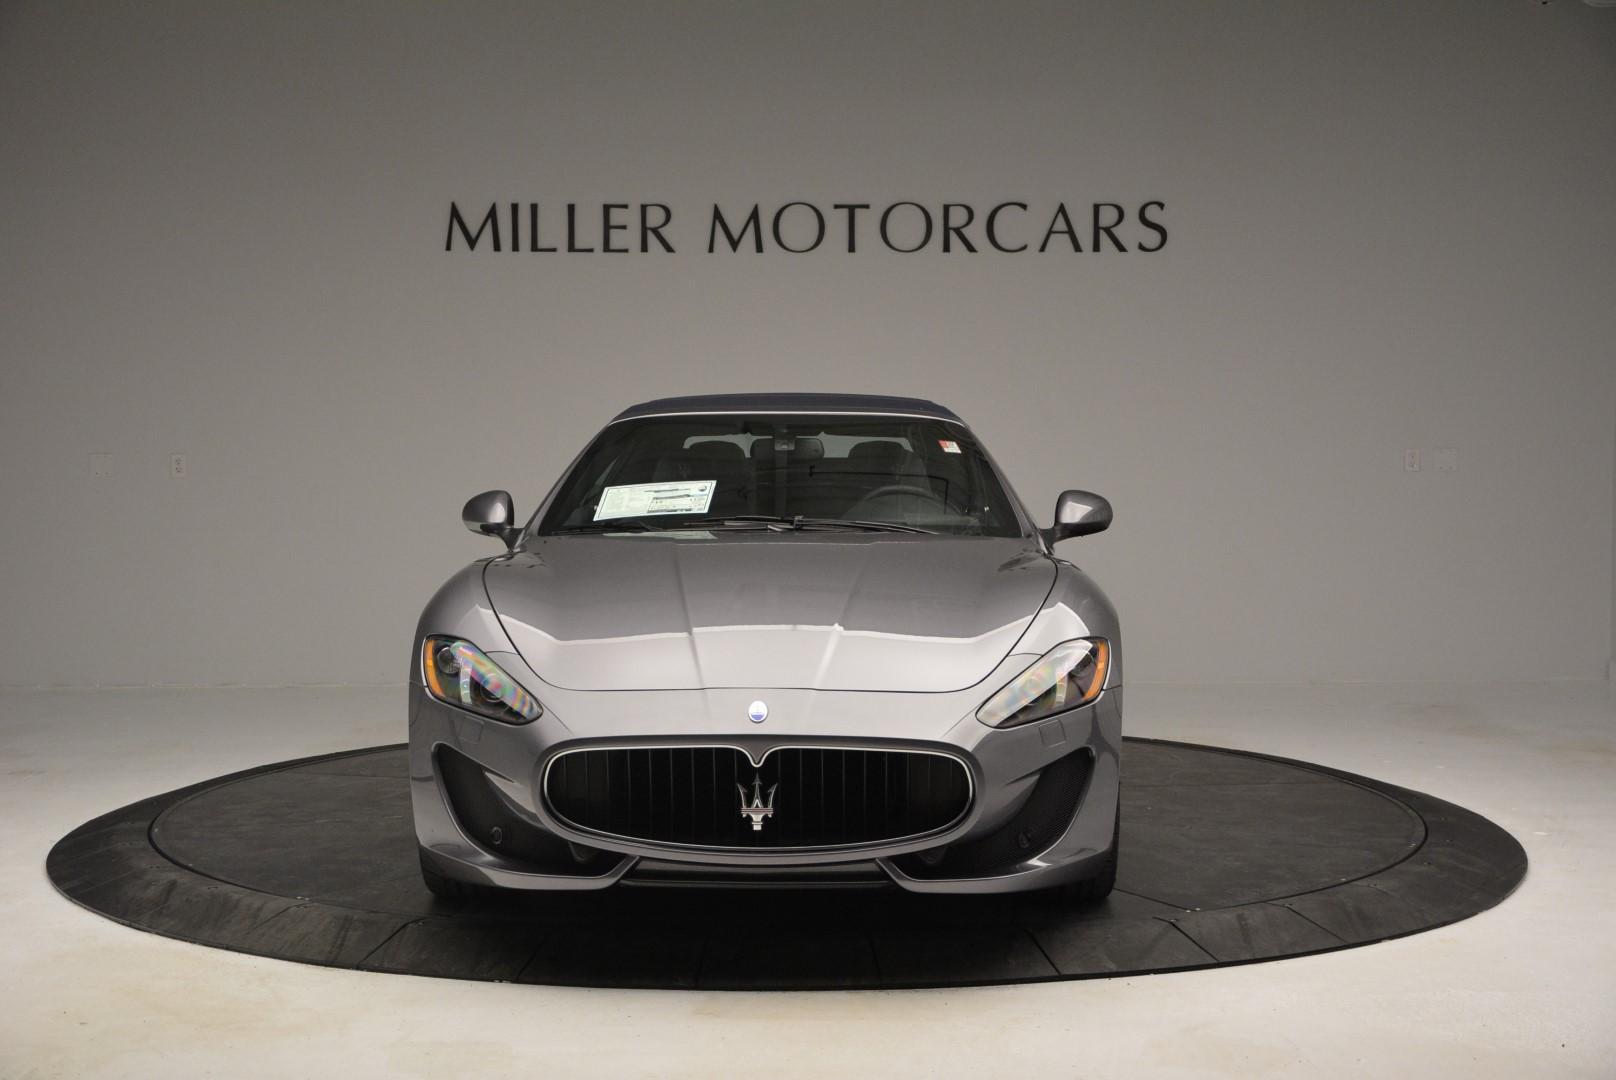 New 2016 Maserati GranTurismo Convertible Sport For Sale In Greenwich, CT 154_p17